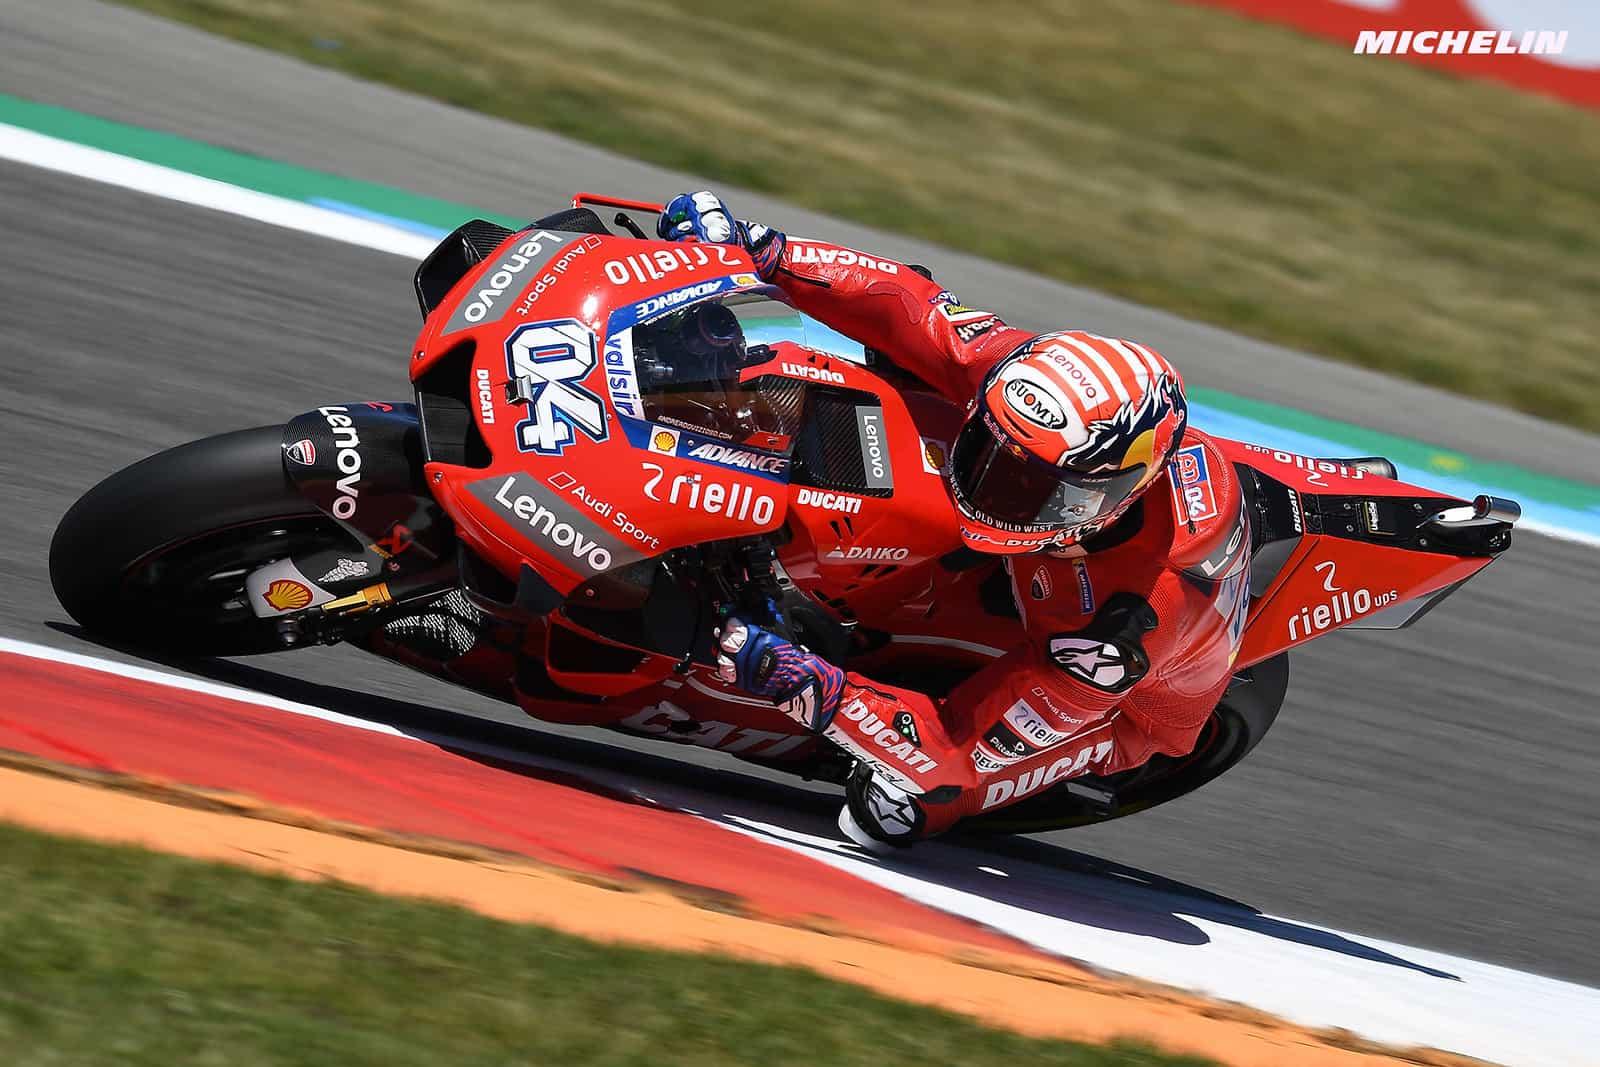 MotoGP2019ドイツGP ドヴィツィオーゾ「ここでしっかりと結果を出したい」